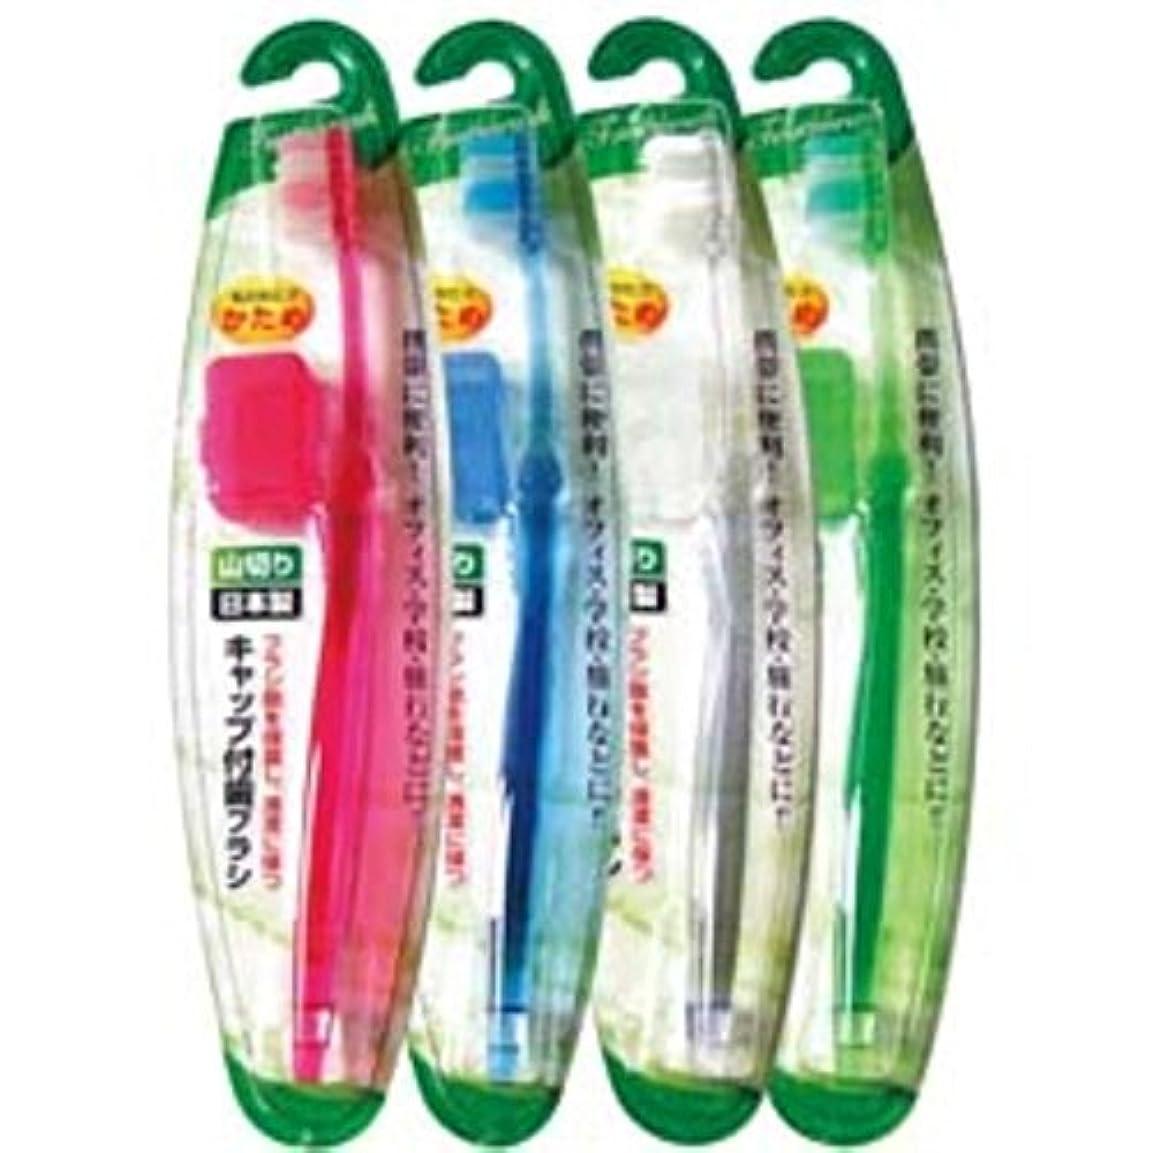 本部フライカイト庭園キャップ付歯ブラシ山切りカット(かため)日本製 japan 【まとめ買い12個セット】 41-210